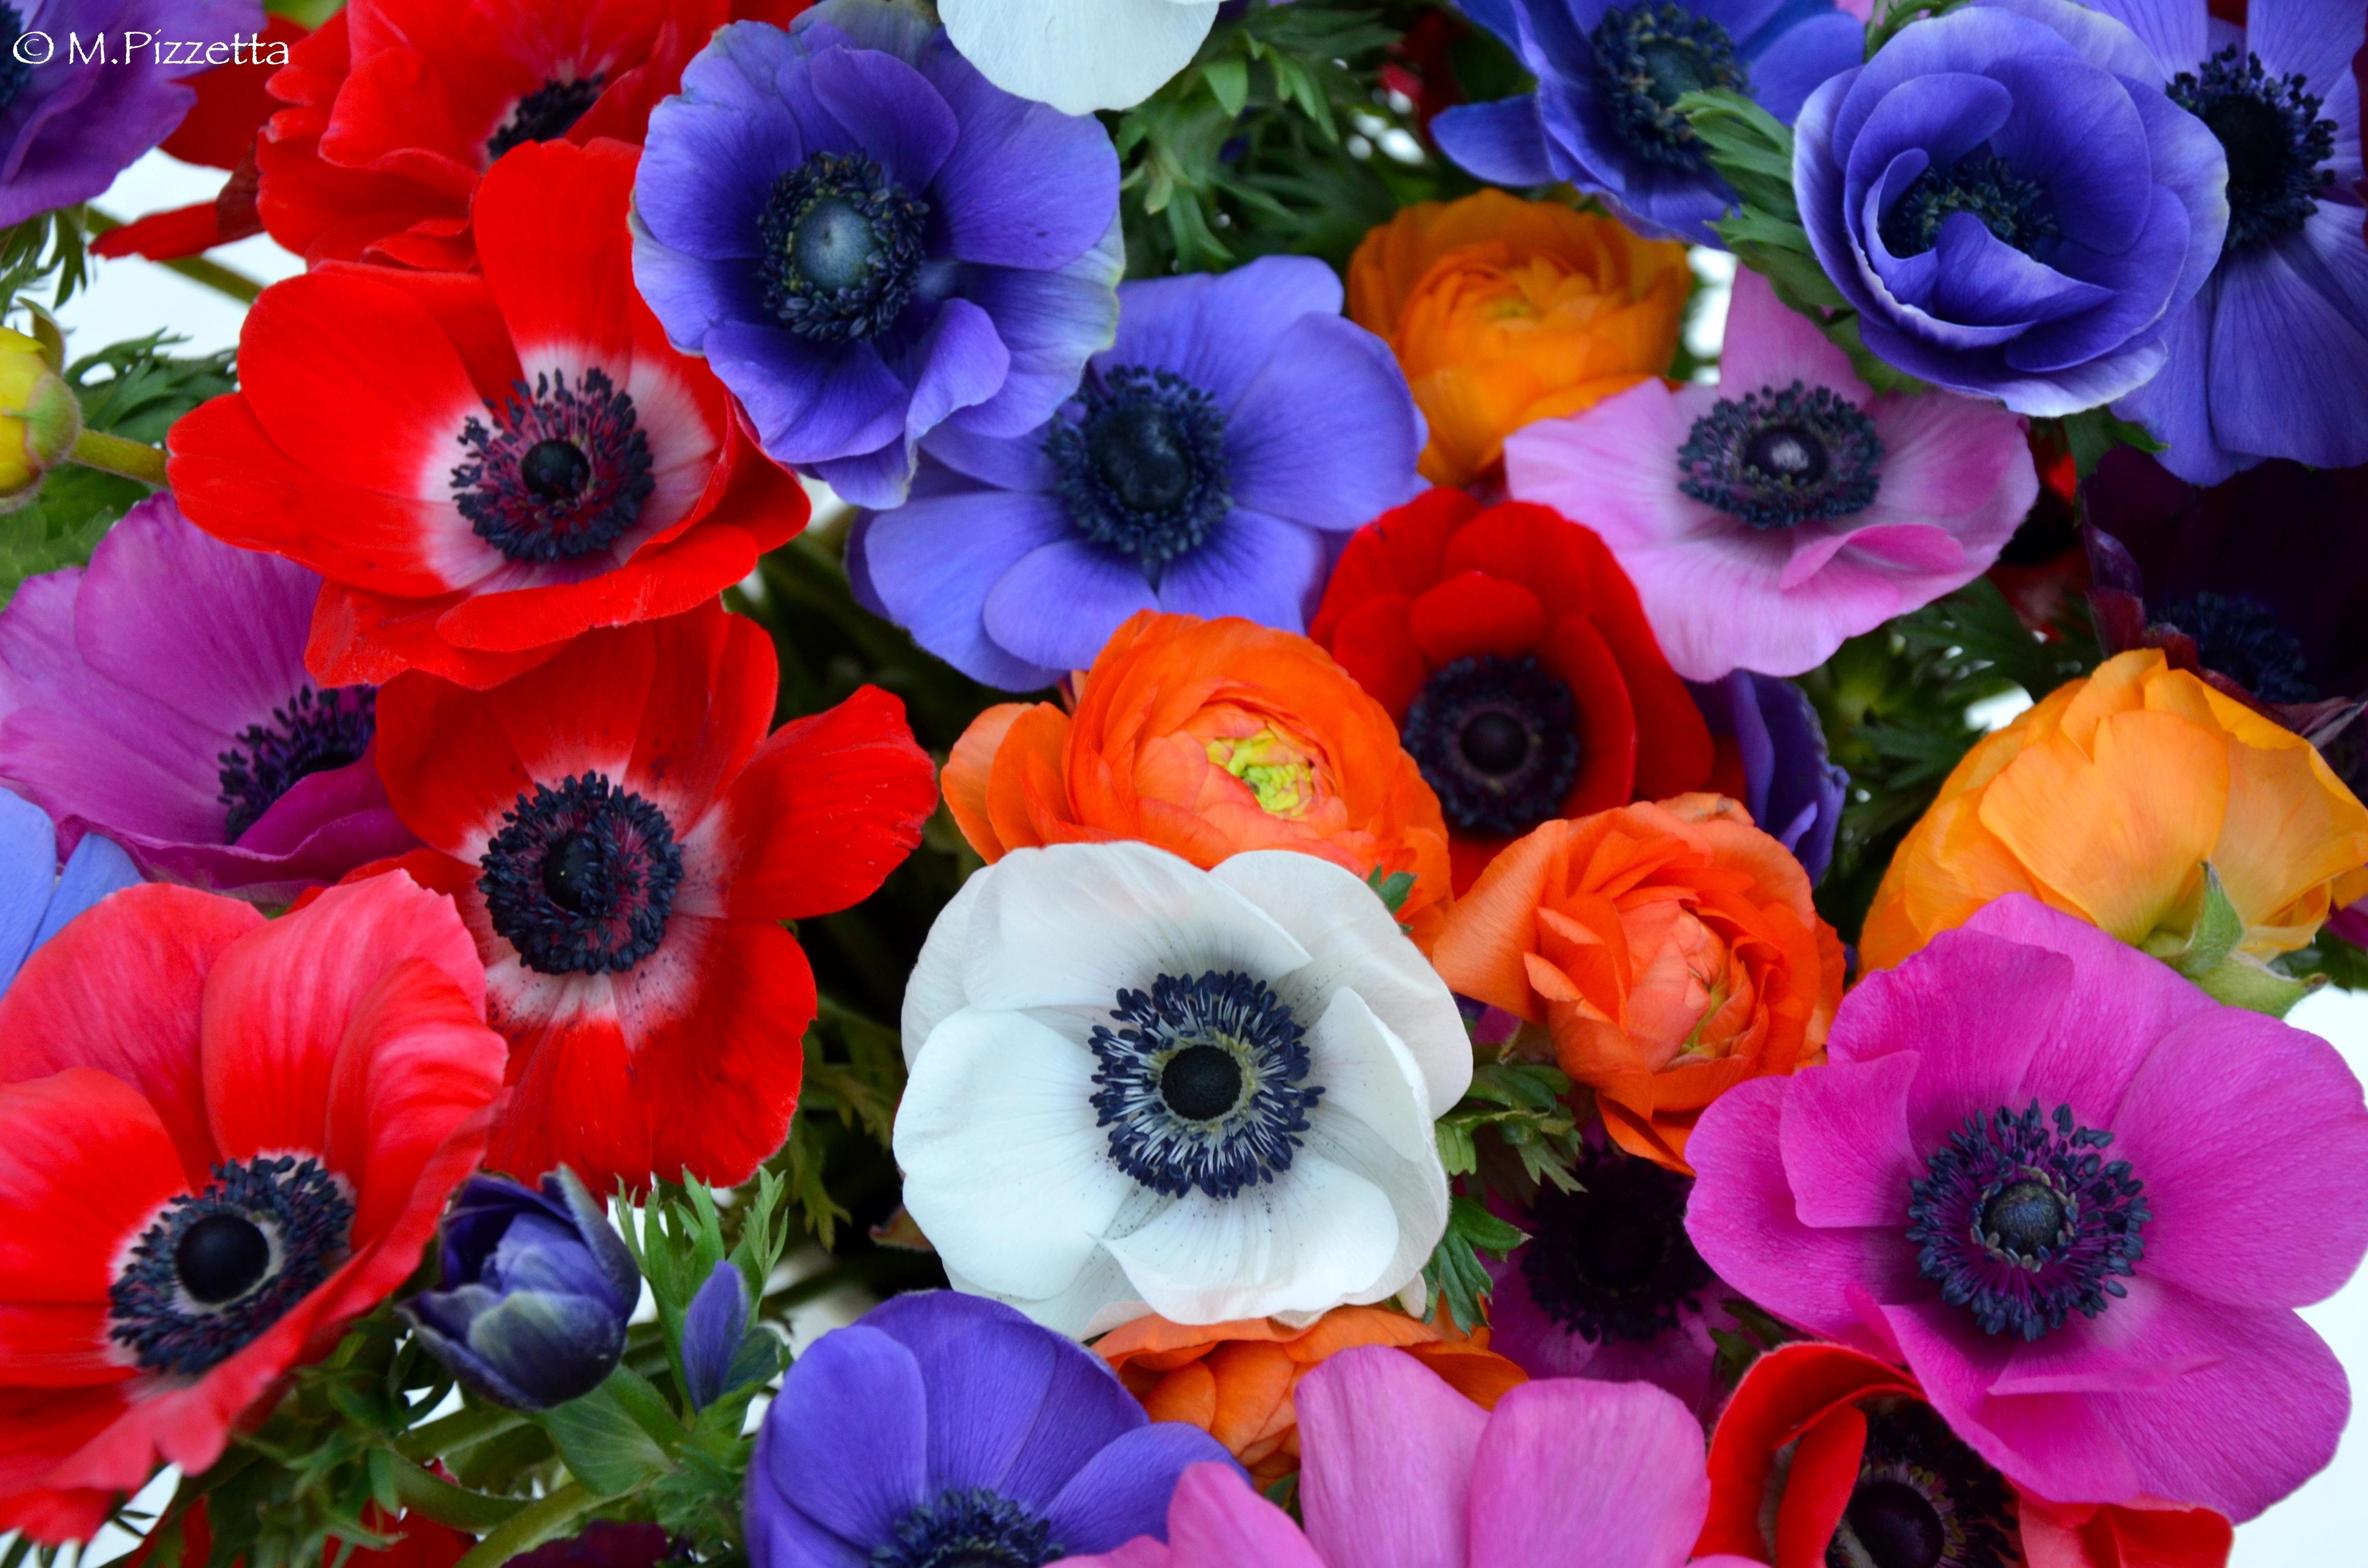 Fleurs ape 3 chens sur lman publi 27 avril 2015 at 4928 3264 in fleurs altavistaventures Choice Image